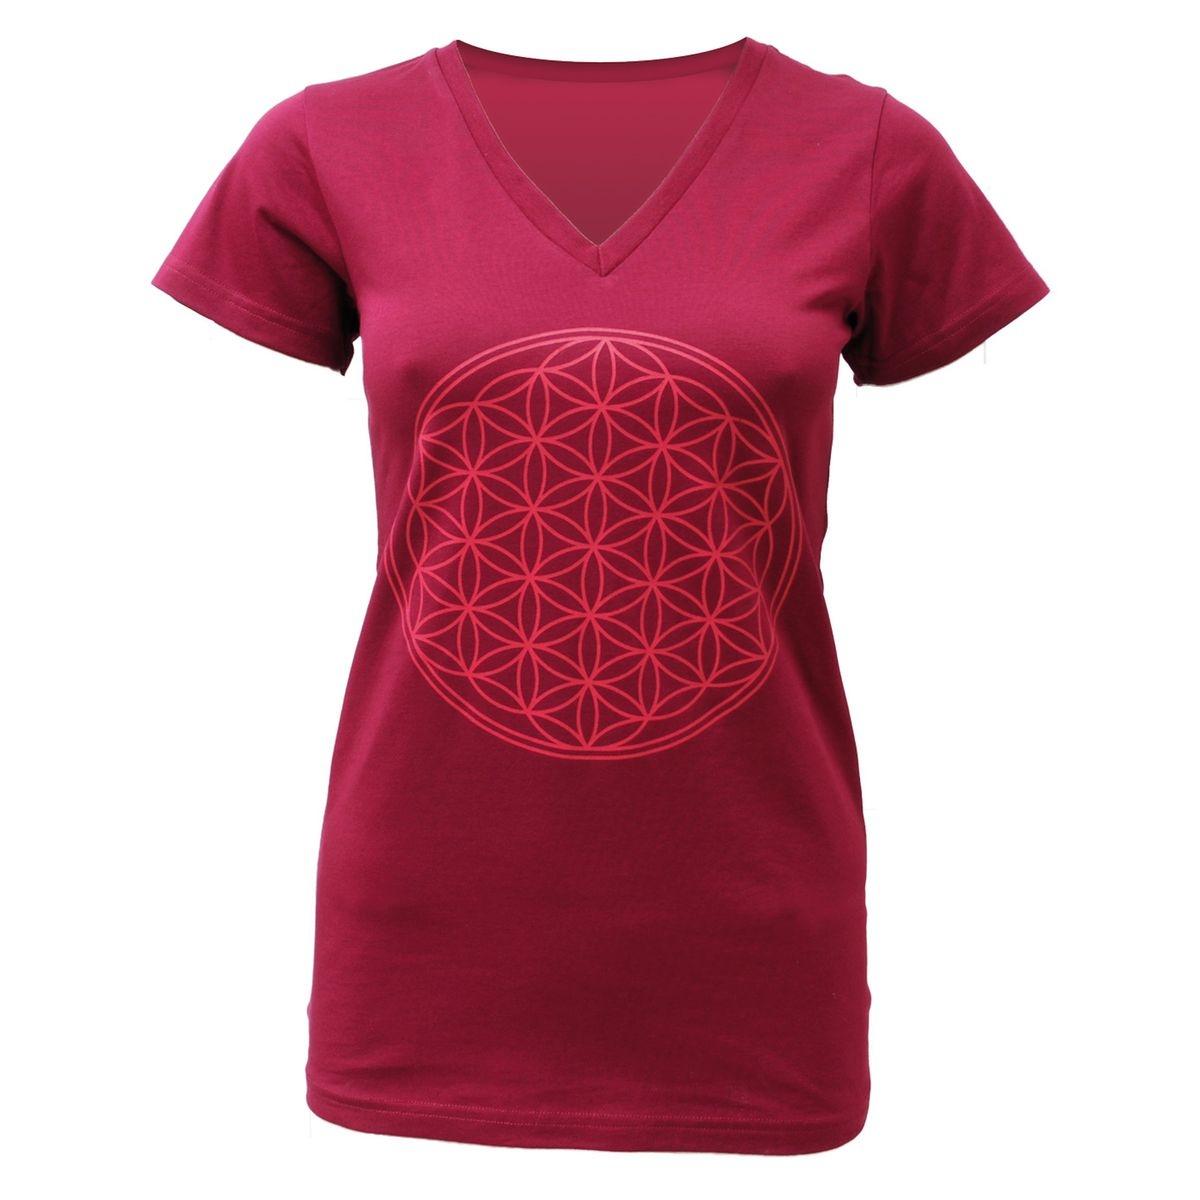 T-shirt Yoga  Fleur de Vie  - bordeaux bordeaux